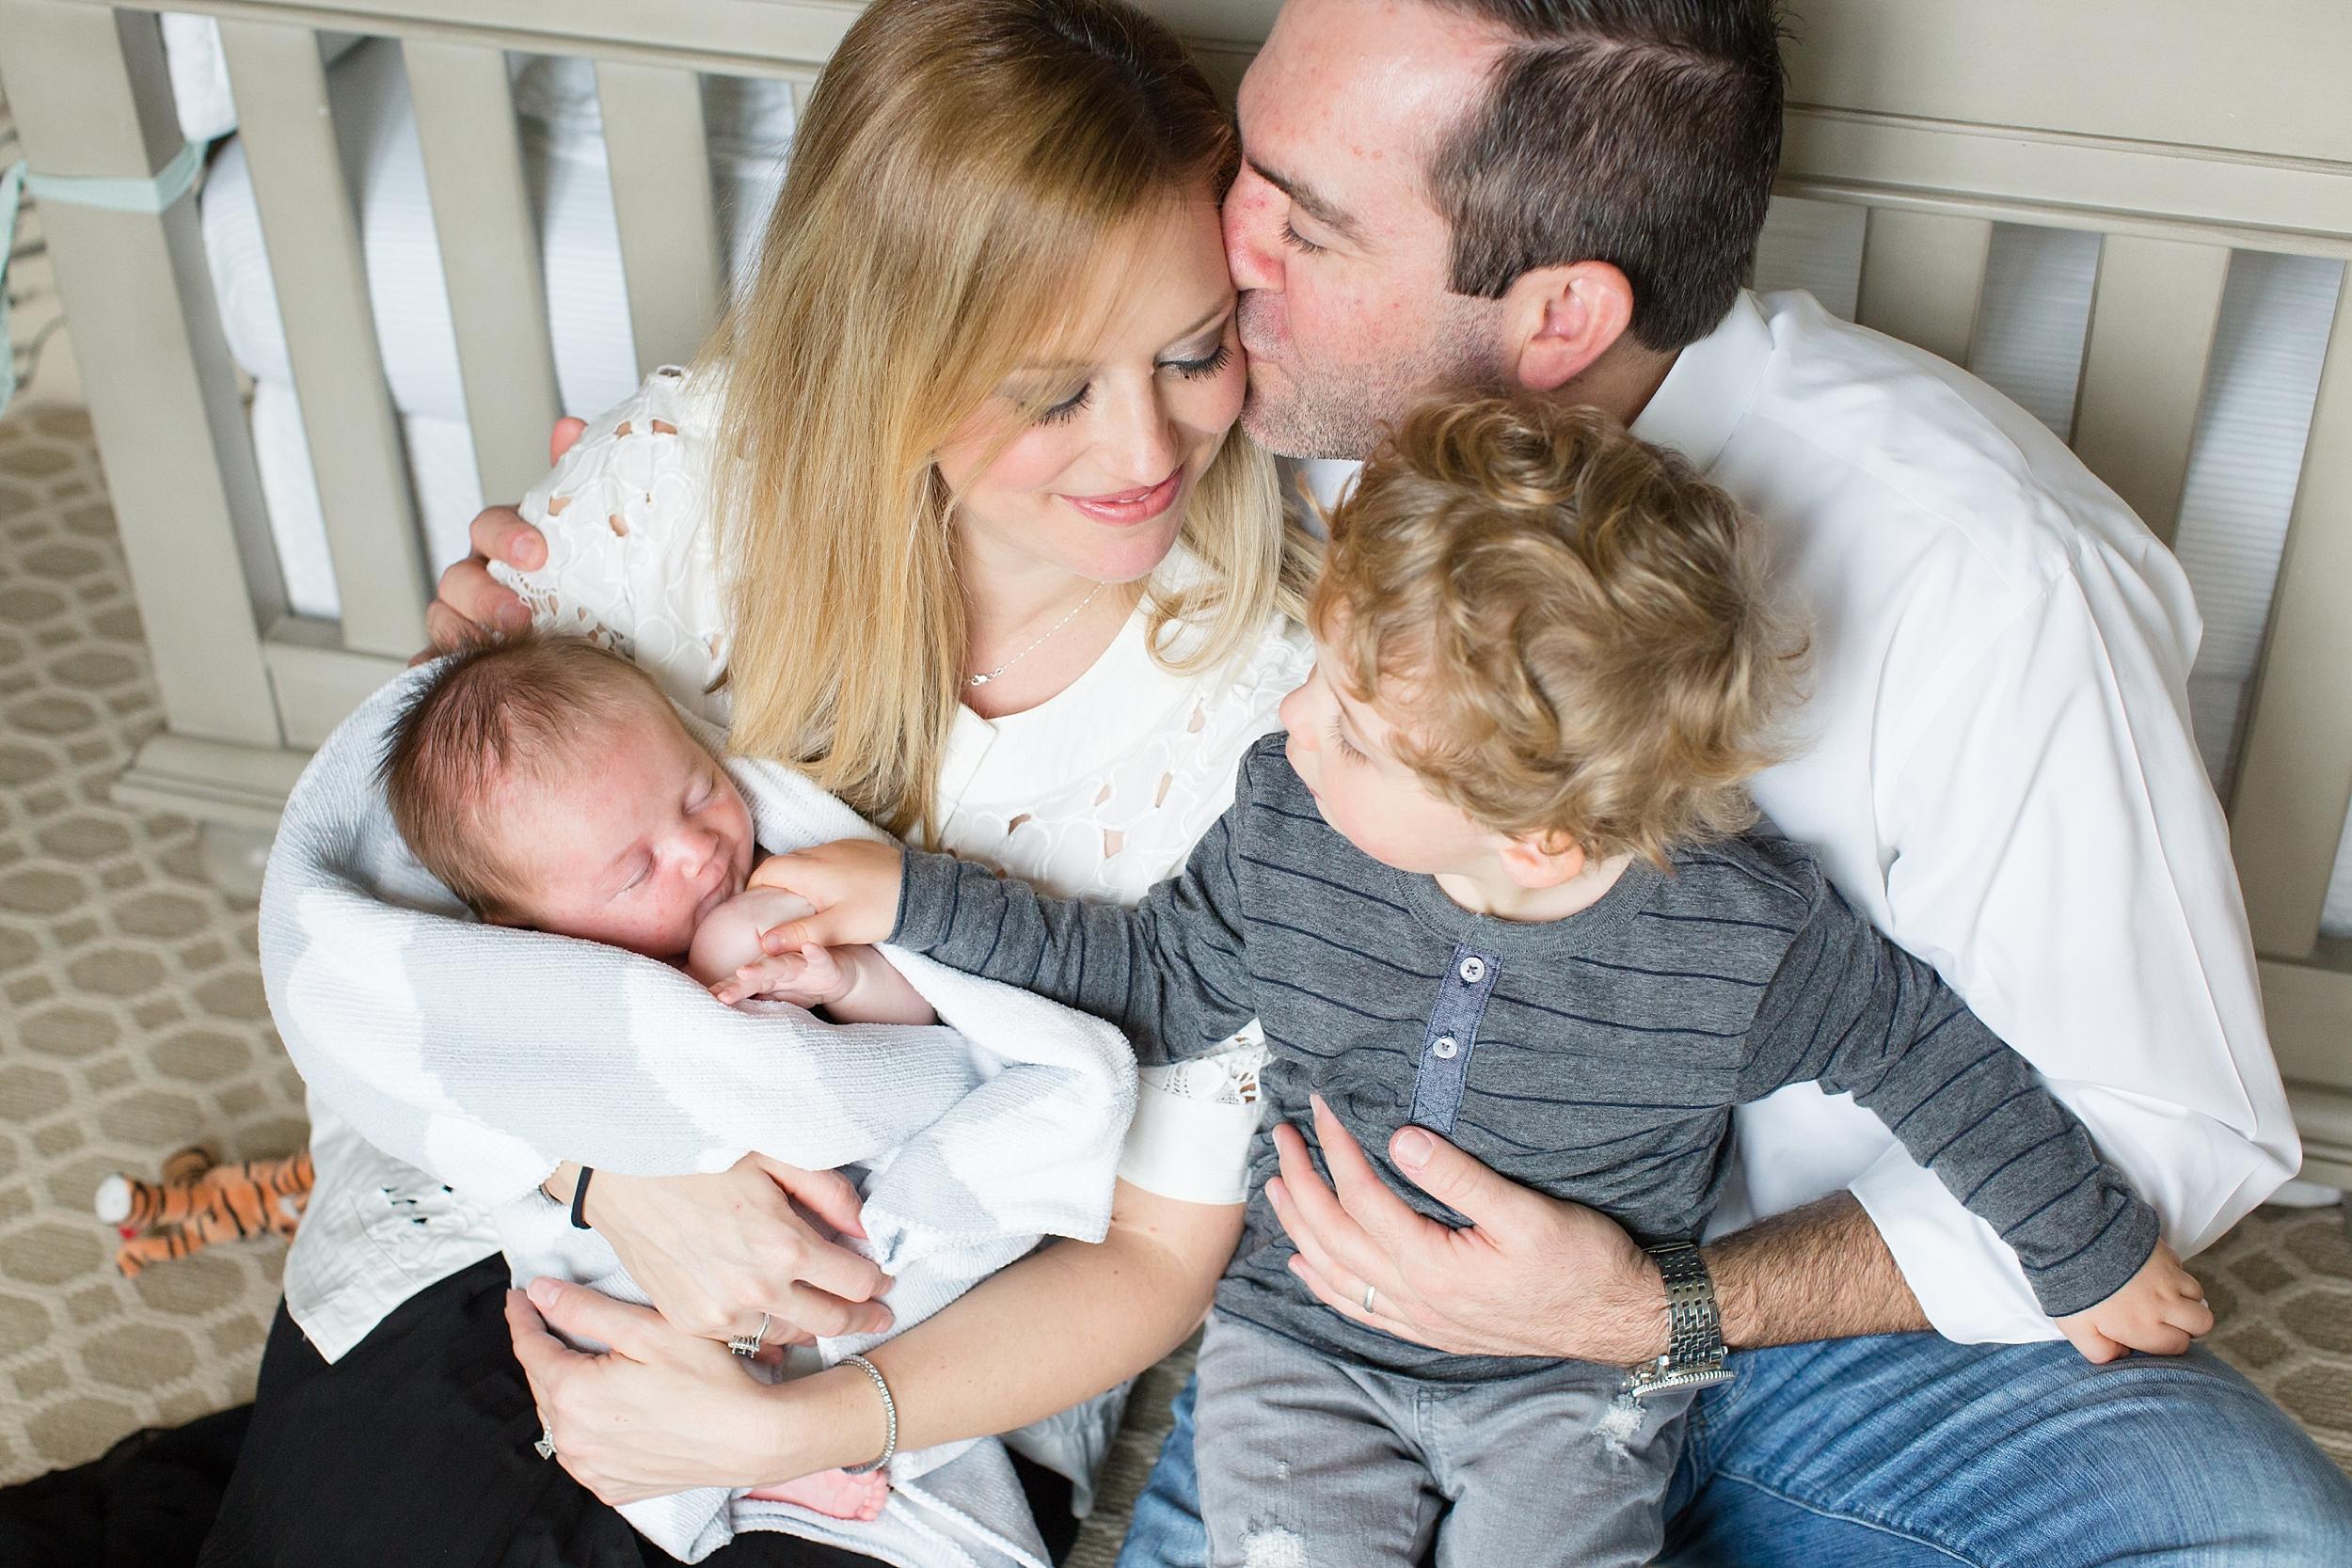 Landon-Schneider-Photography-Liverance-Newborn-Session-McKinney-Texas_0022.jpg